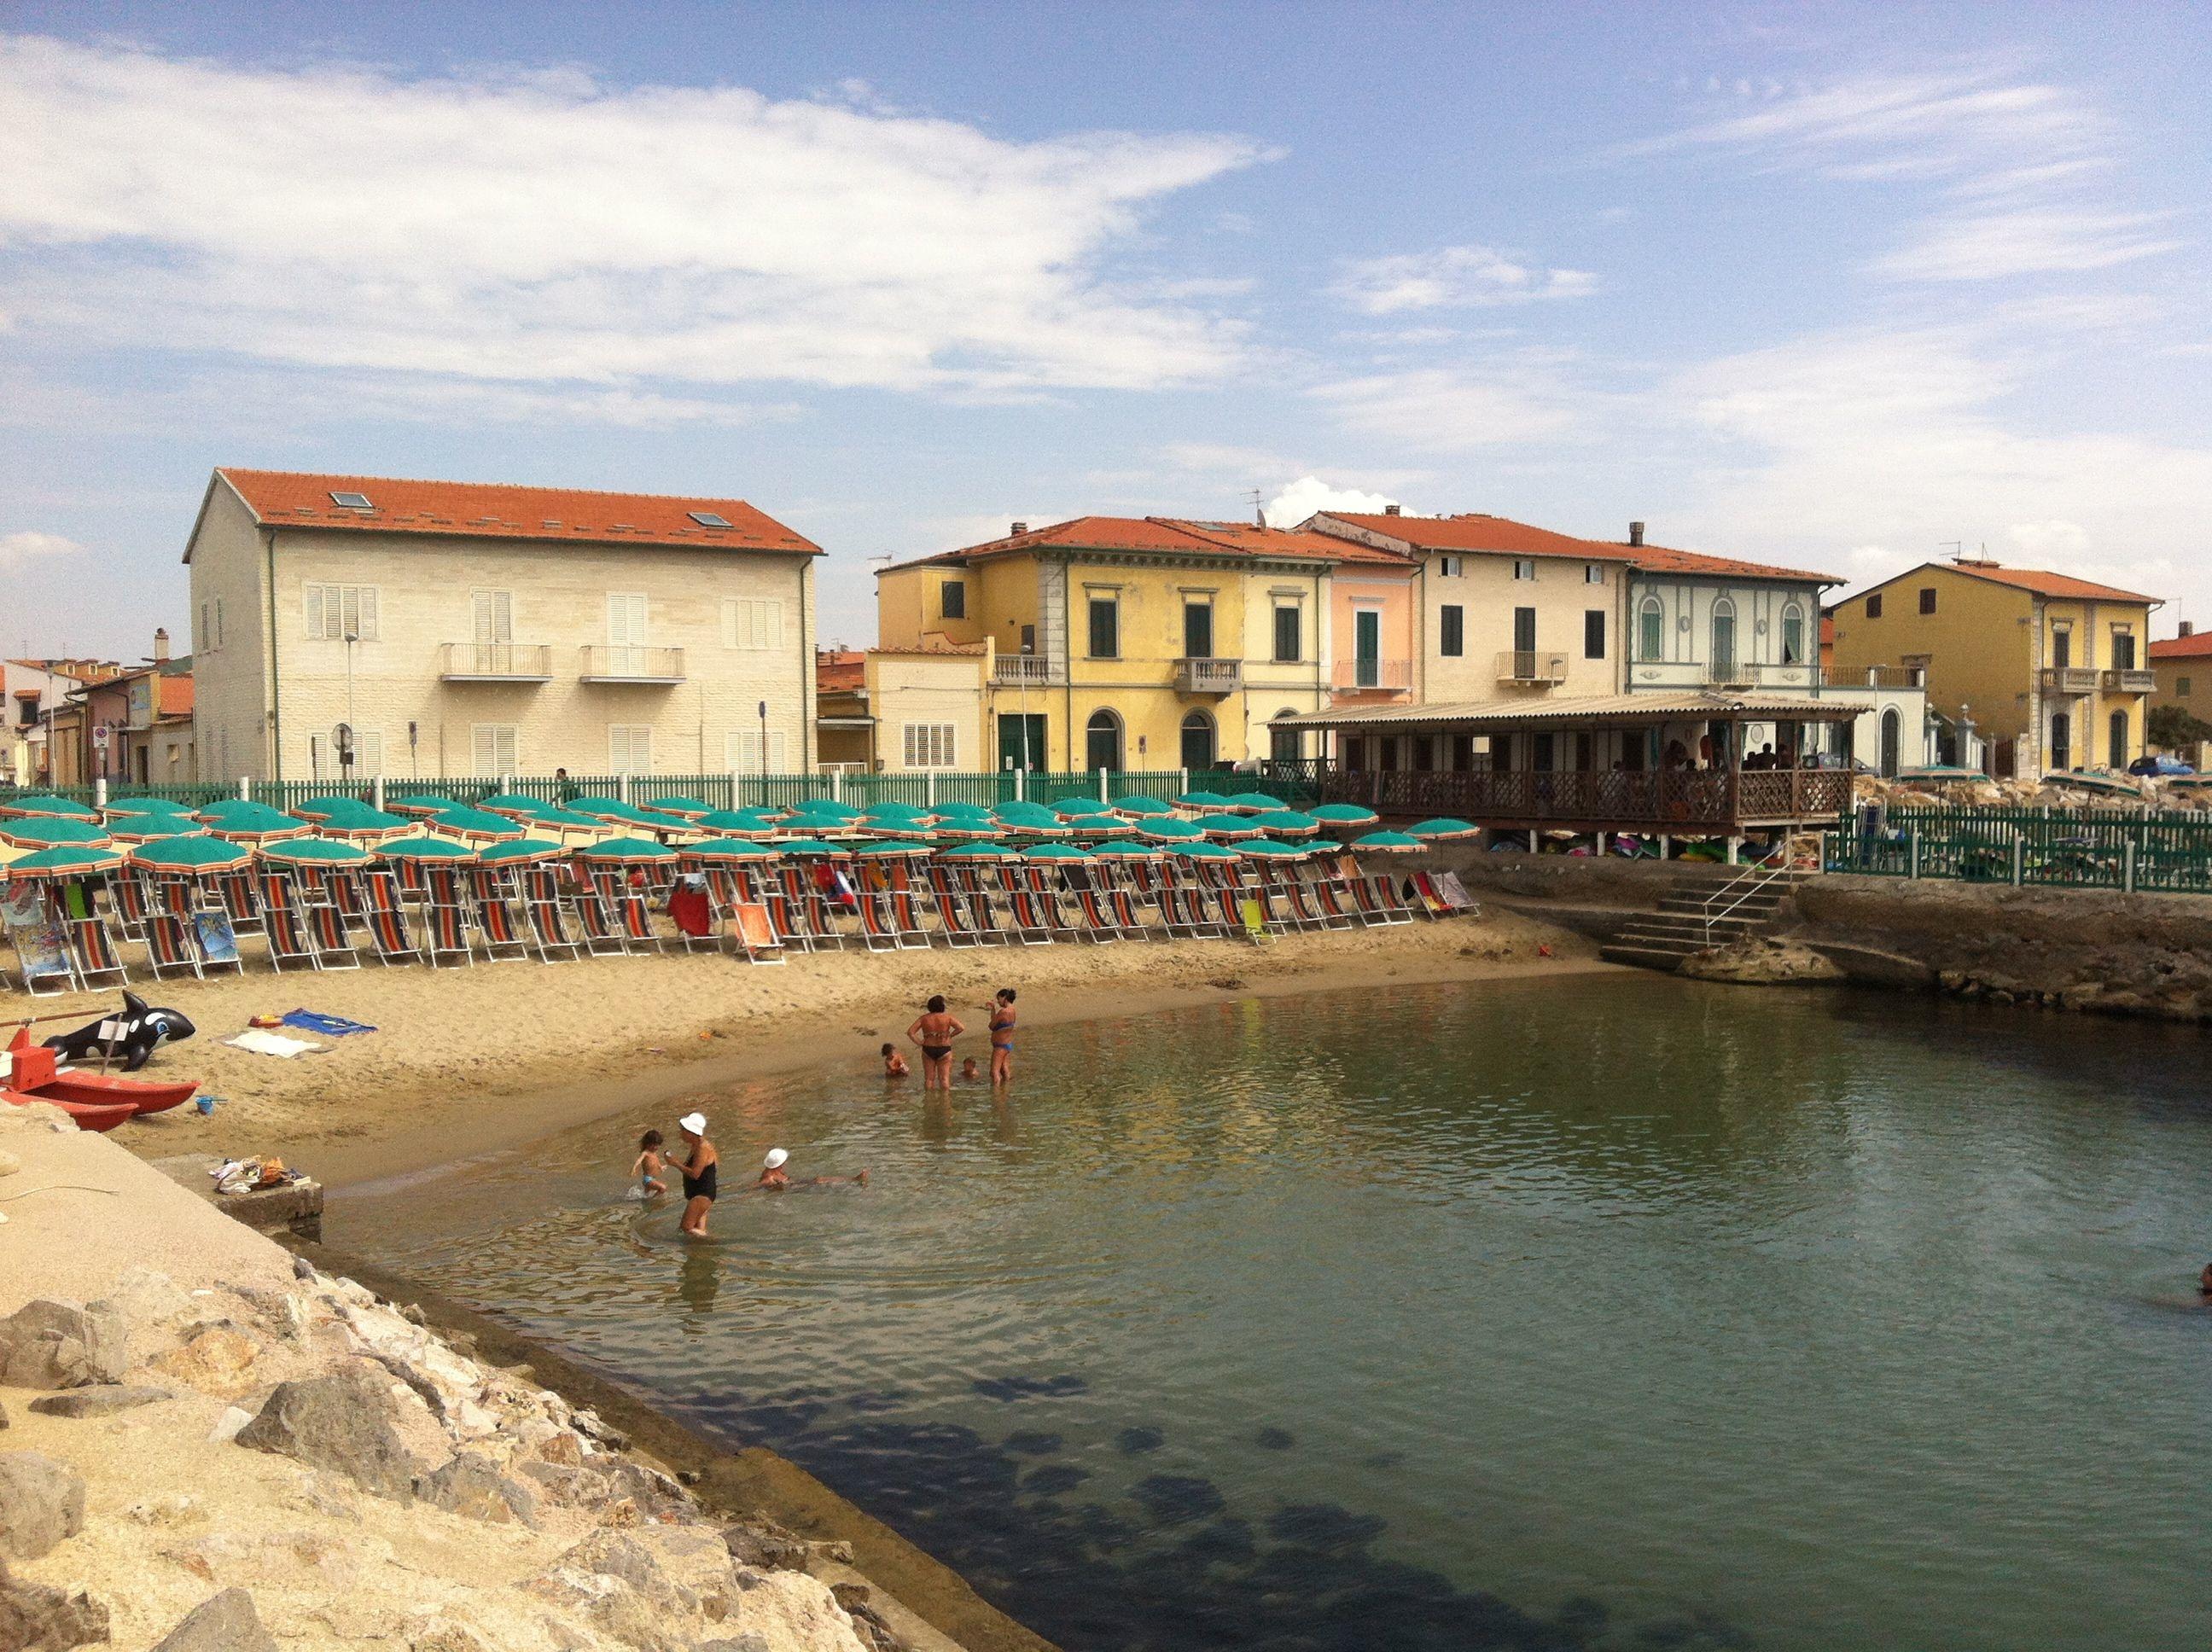 Stabilimento balneare pisa bagno gorgona overplace - Bagno mistral marina di pisa ...